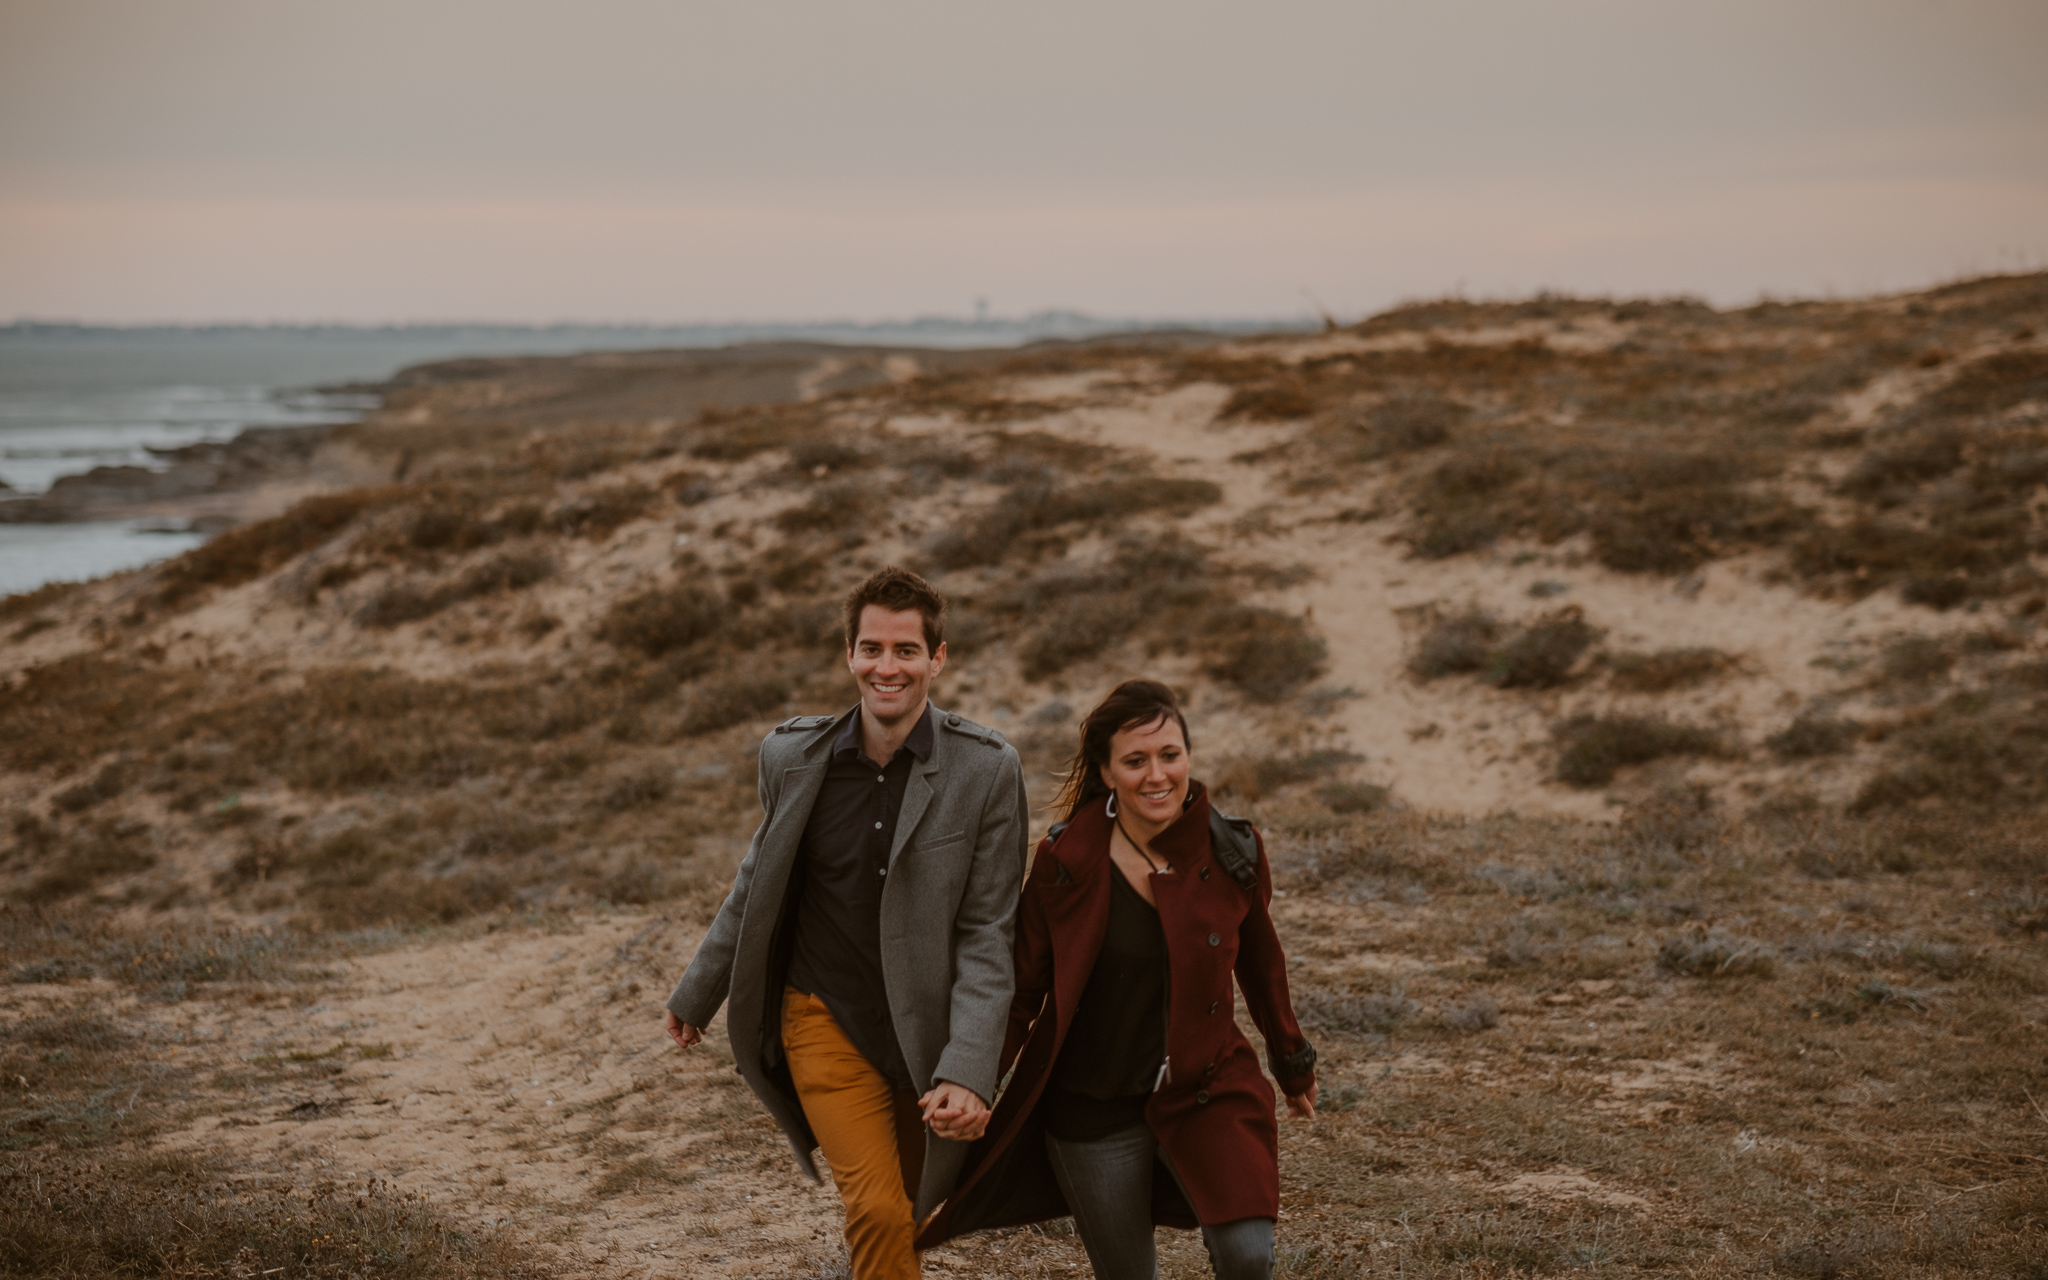 séance engagement romantique d'un couple amoureux sur la plage en Vendée par Geoffrey Arnoldy photographe